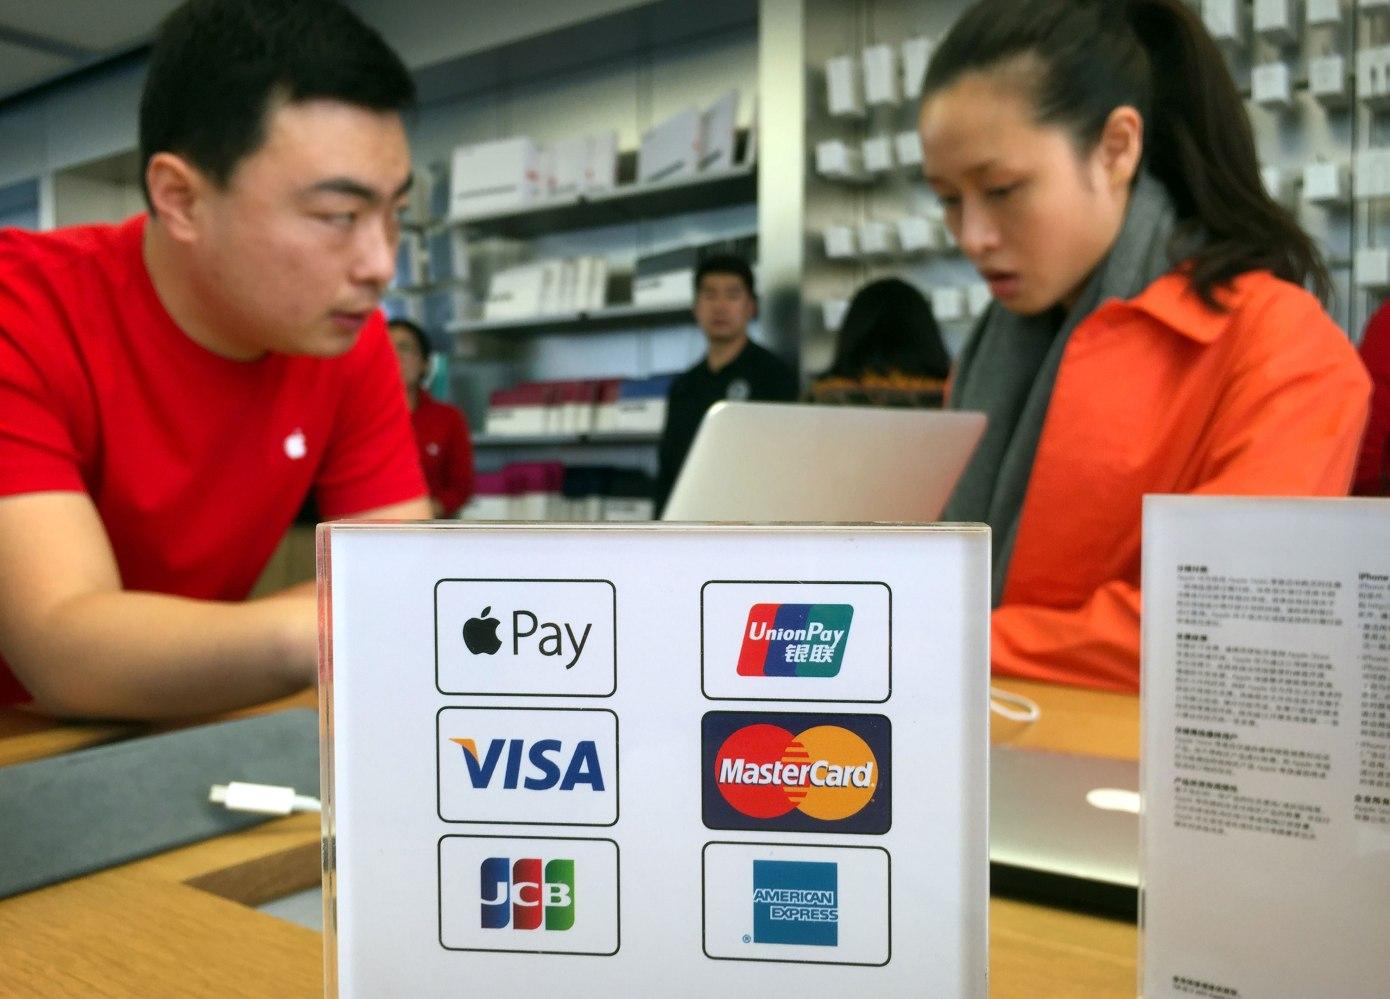 7-11便利店本月起将在美接受苹果支付和谷歌支付